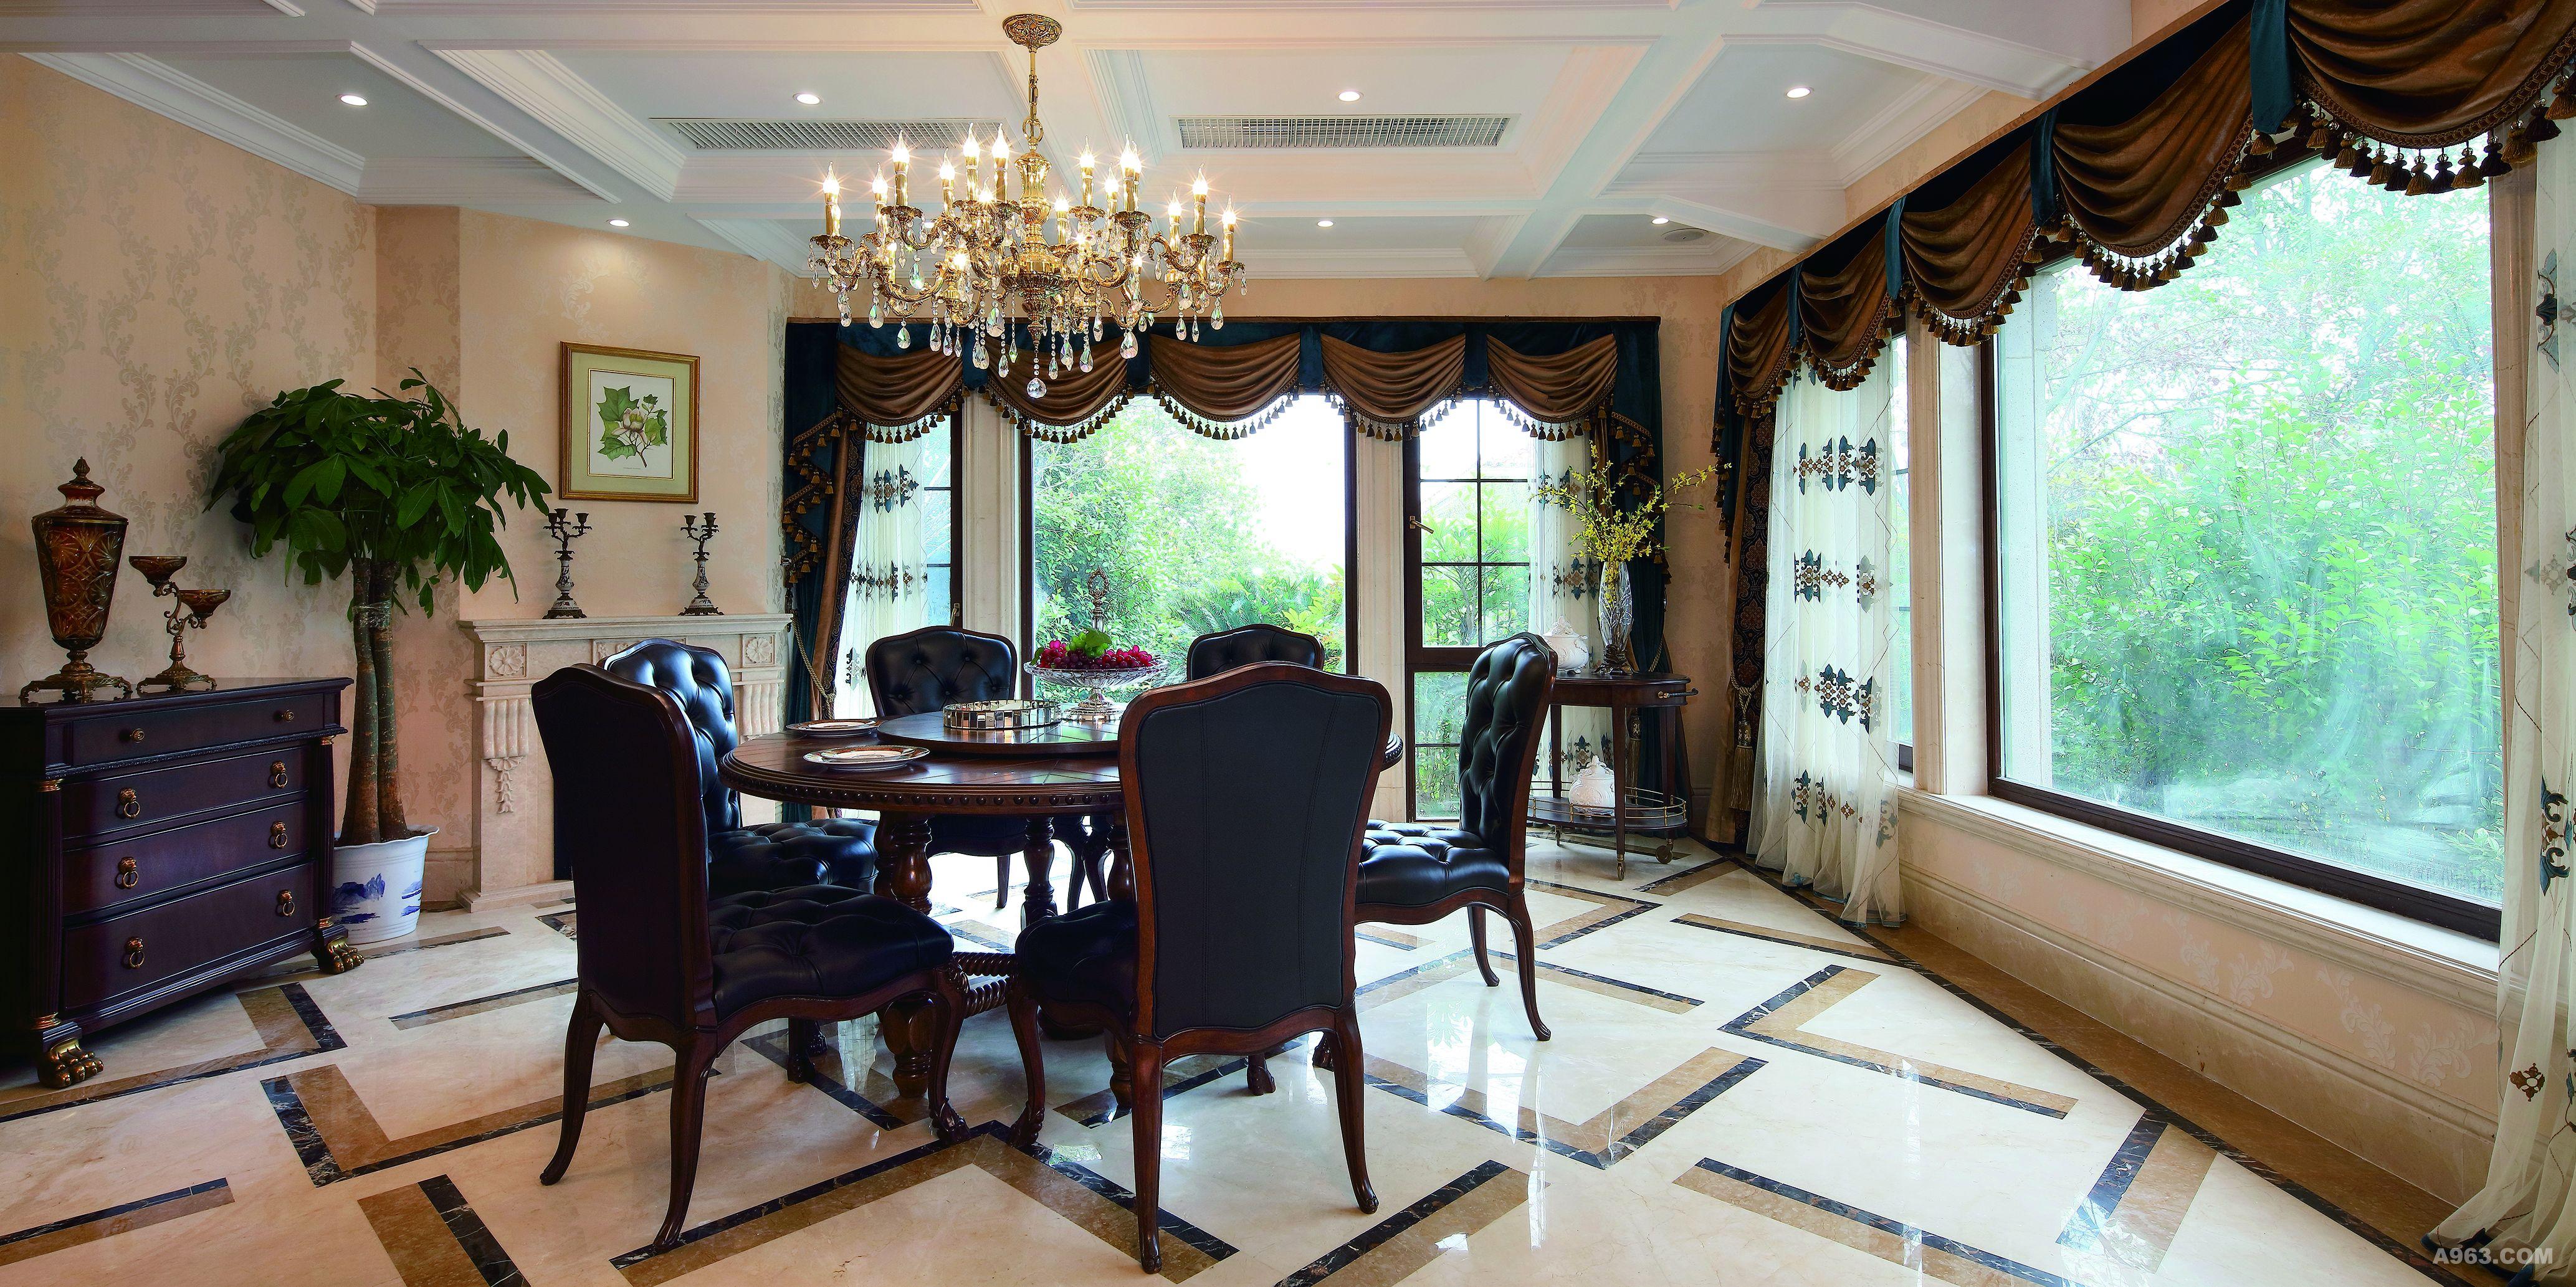 经典美式餐桌搭配复古窗帘,浅黄色的壁纸搭配白色的格子吊顶,营造一种